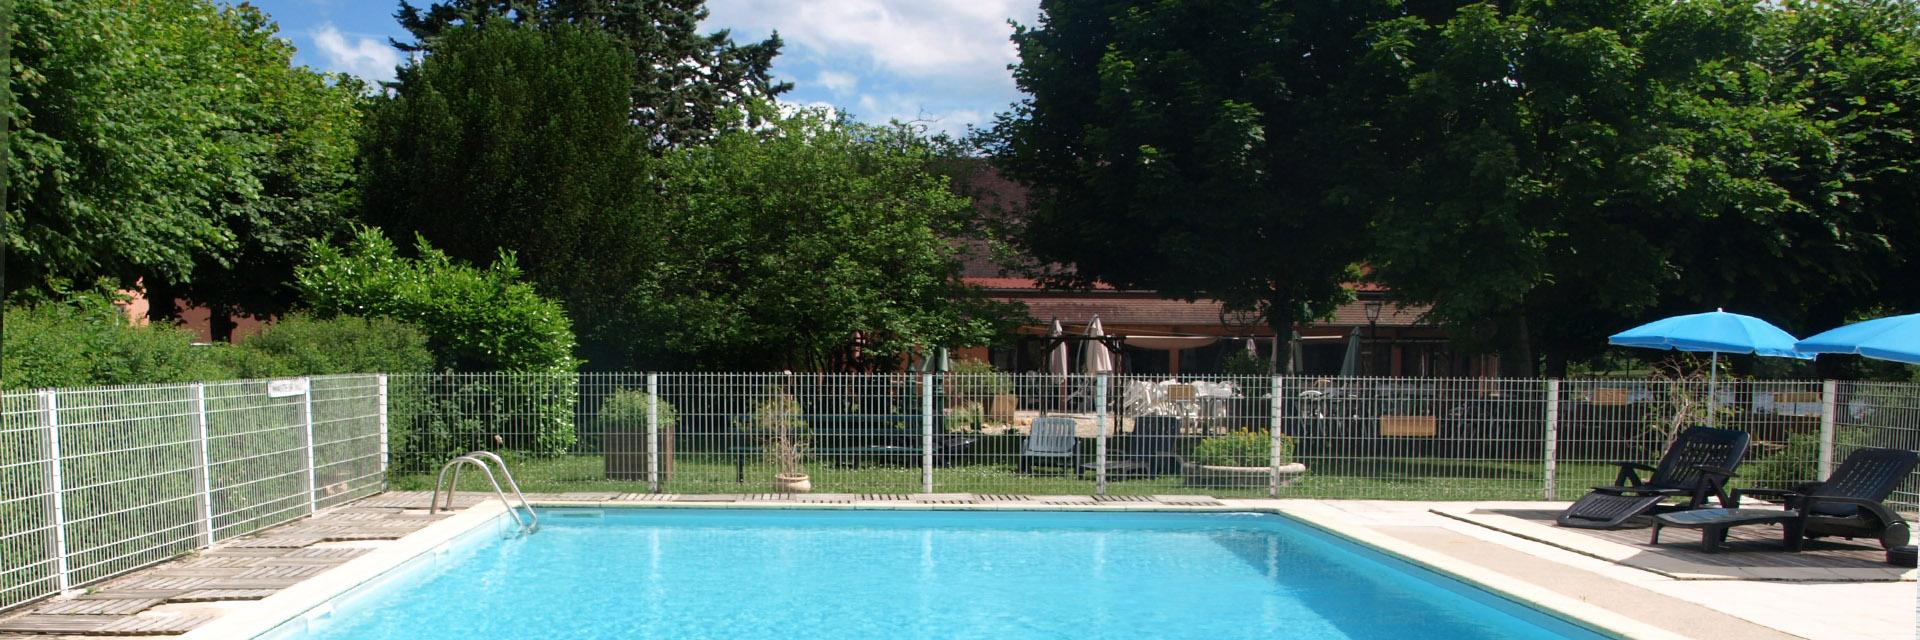 Village_club_vacances_centre-loire-et-bourgogne-la-vallee-de-yonne-piscine